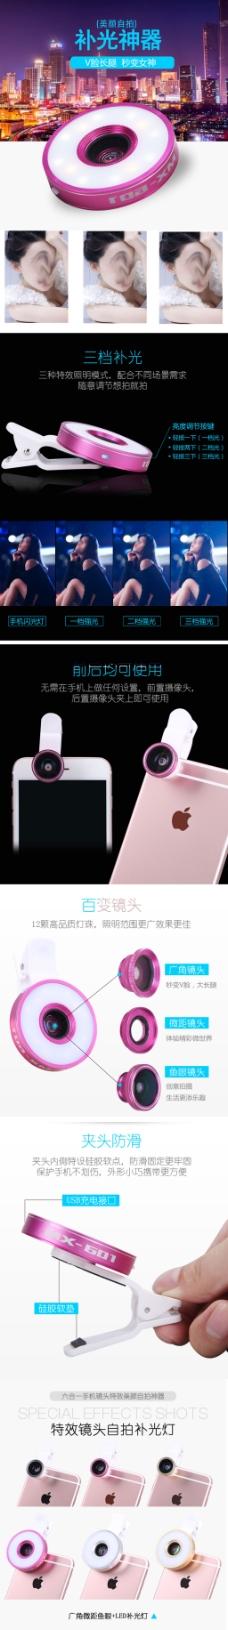 淘宝电商苹果手机自拍广角镜头详情页